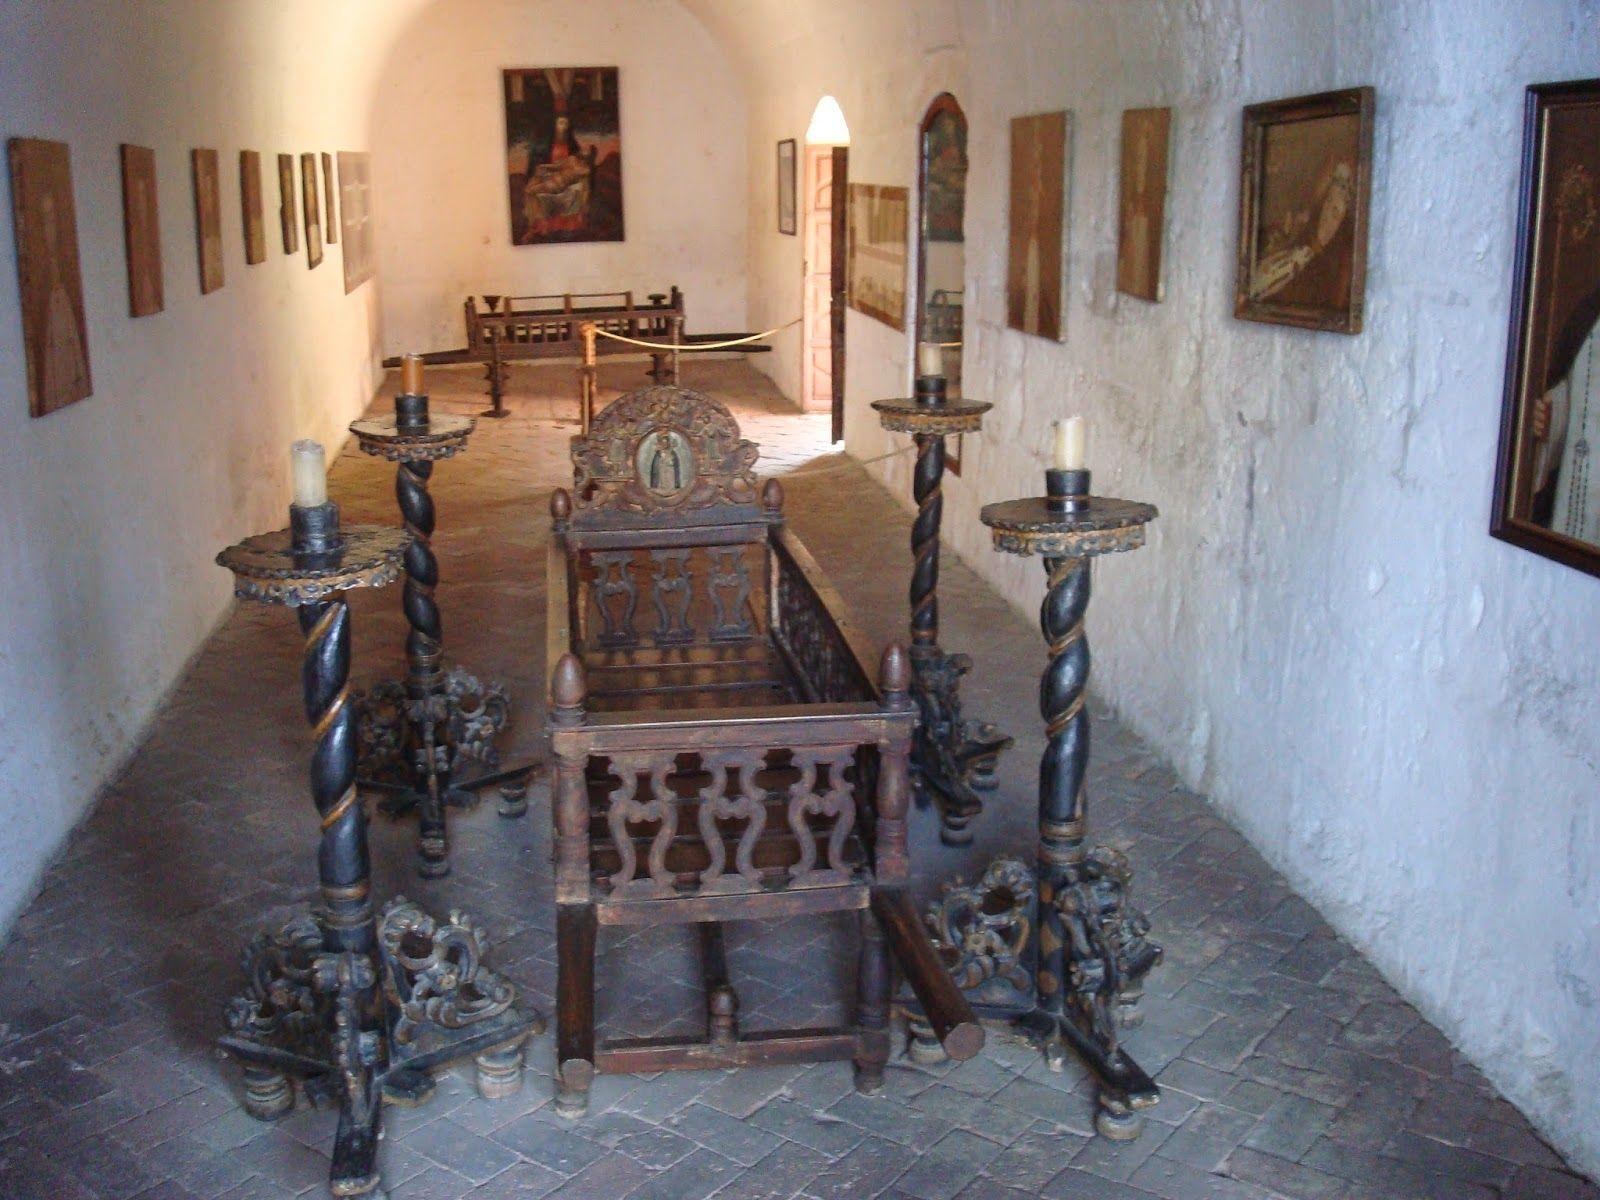 Convento de Santa Catalina de Arequipa, un lugar lleno de historias... http://el-mundo-de-rocio.blogspot.com.es/2014/10/convento-de-santa-catalina-de-arequipa.html